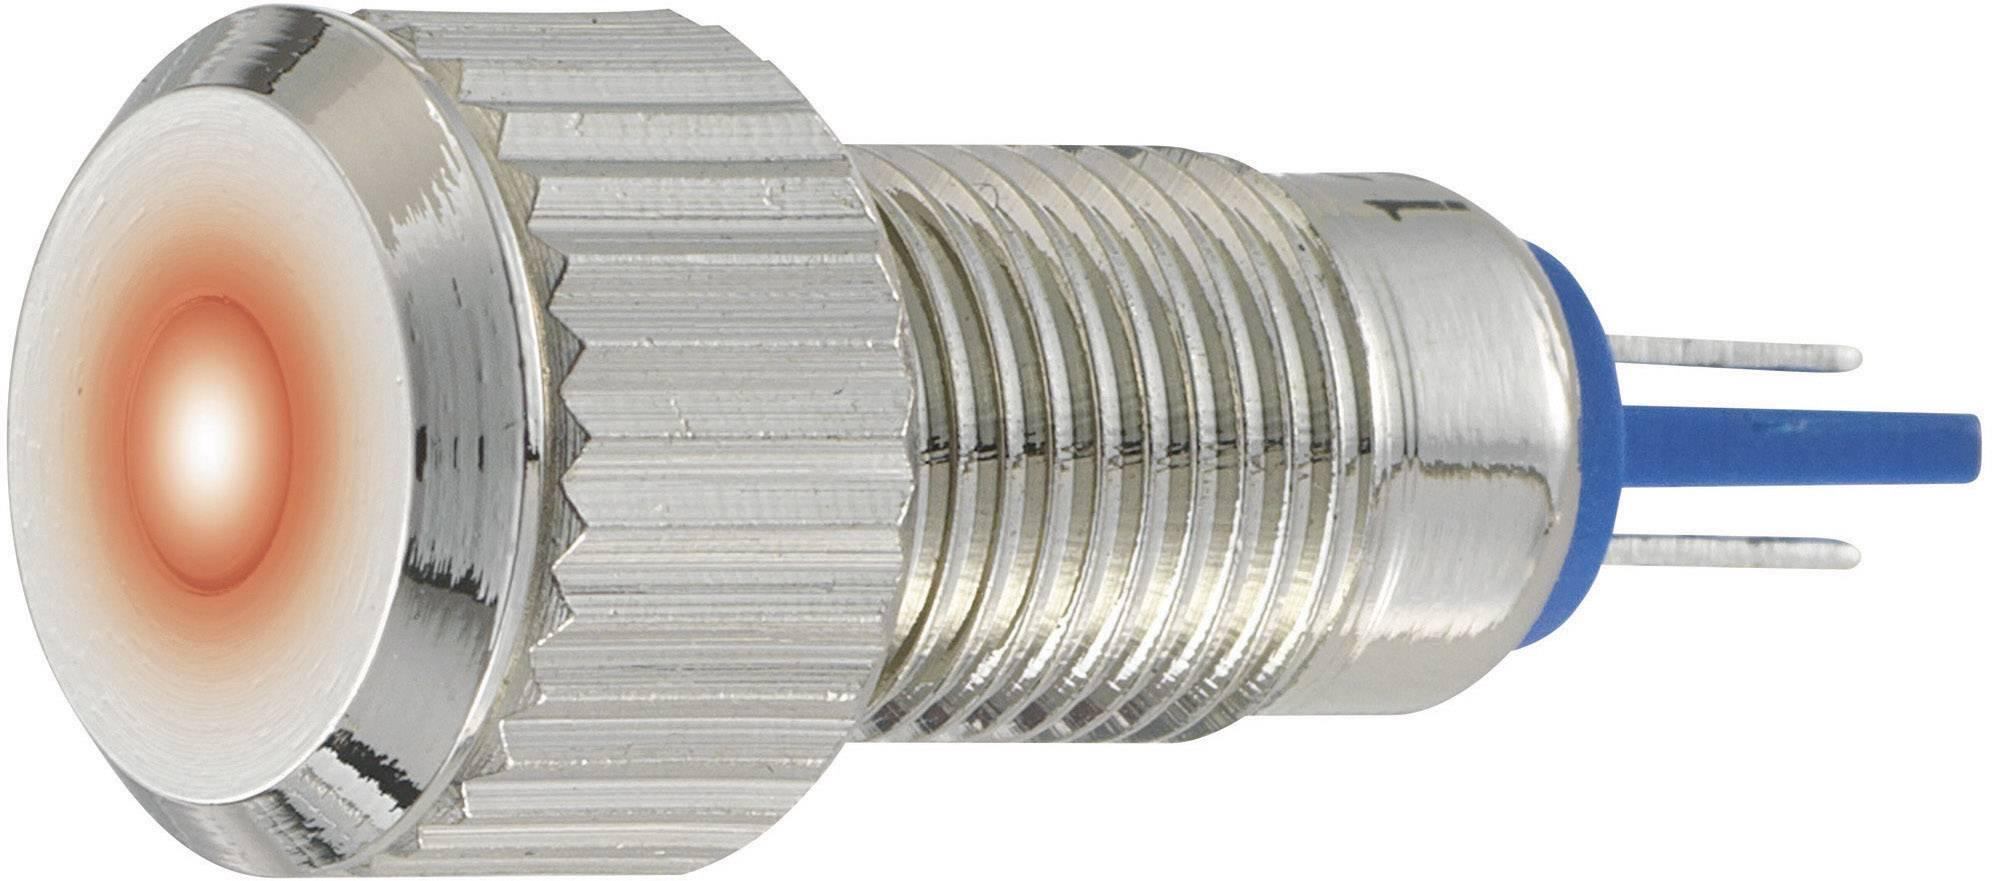 IndikačnéLED TRU COMPONENTS GQ8F-D/R/24V/N, 24 V/DC, 24 V/AC, červená